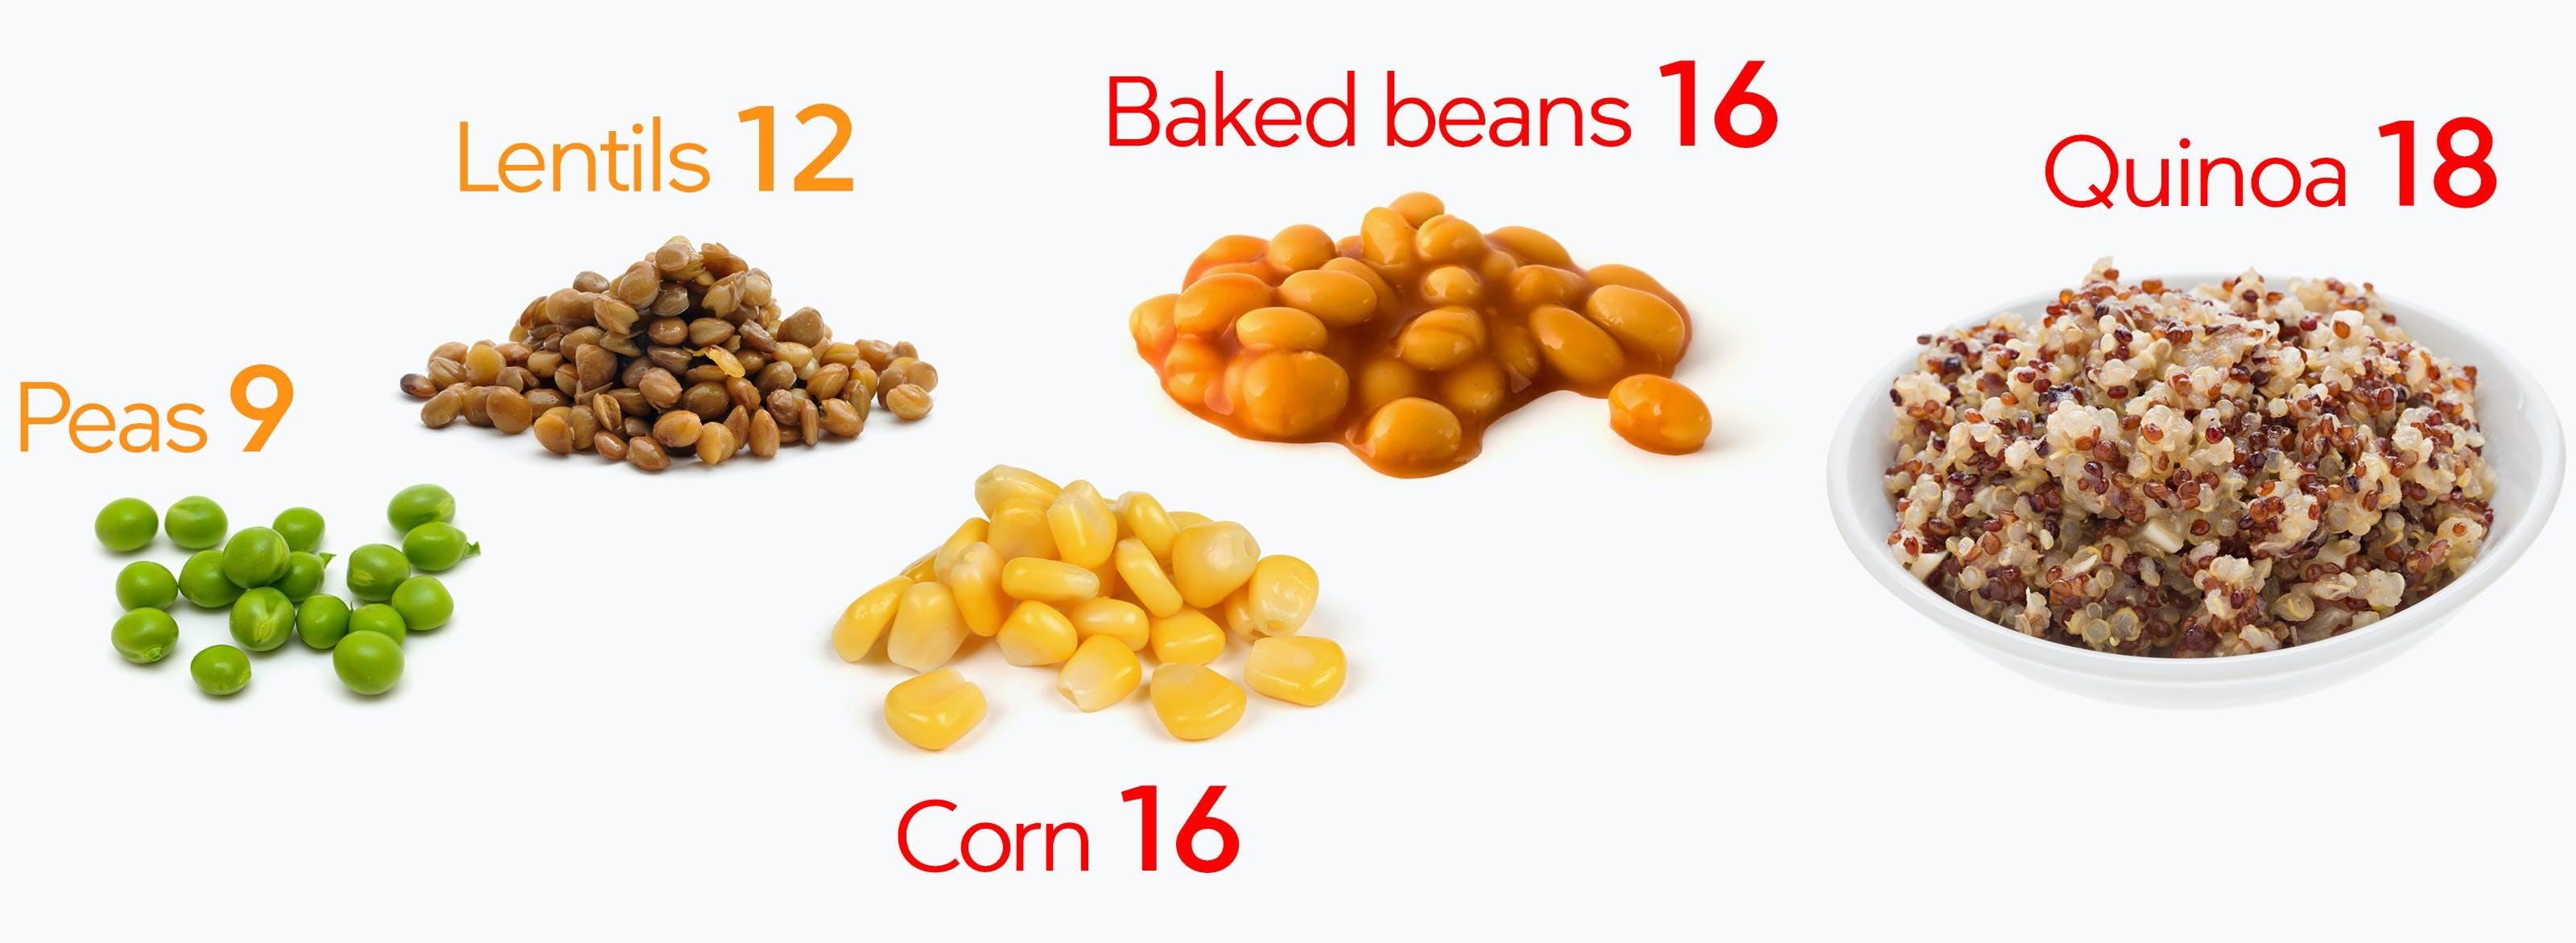 Carbohydrates in peas, beans, lentils, corn, quinoa